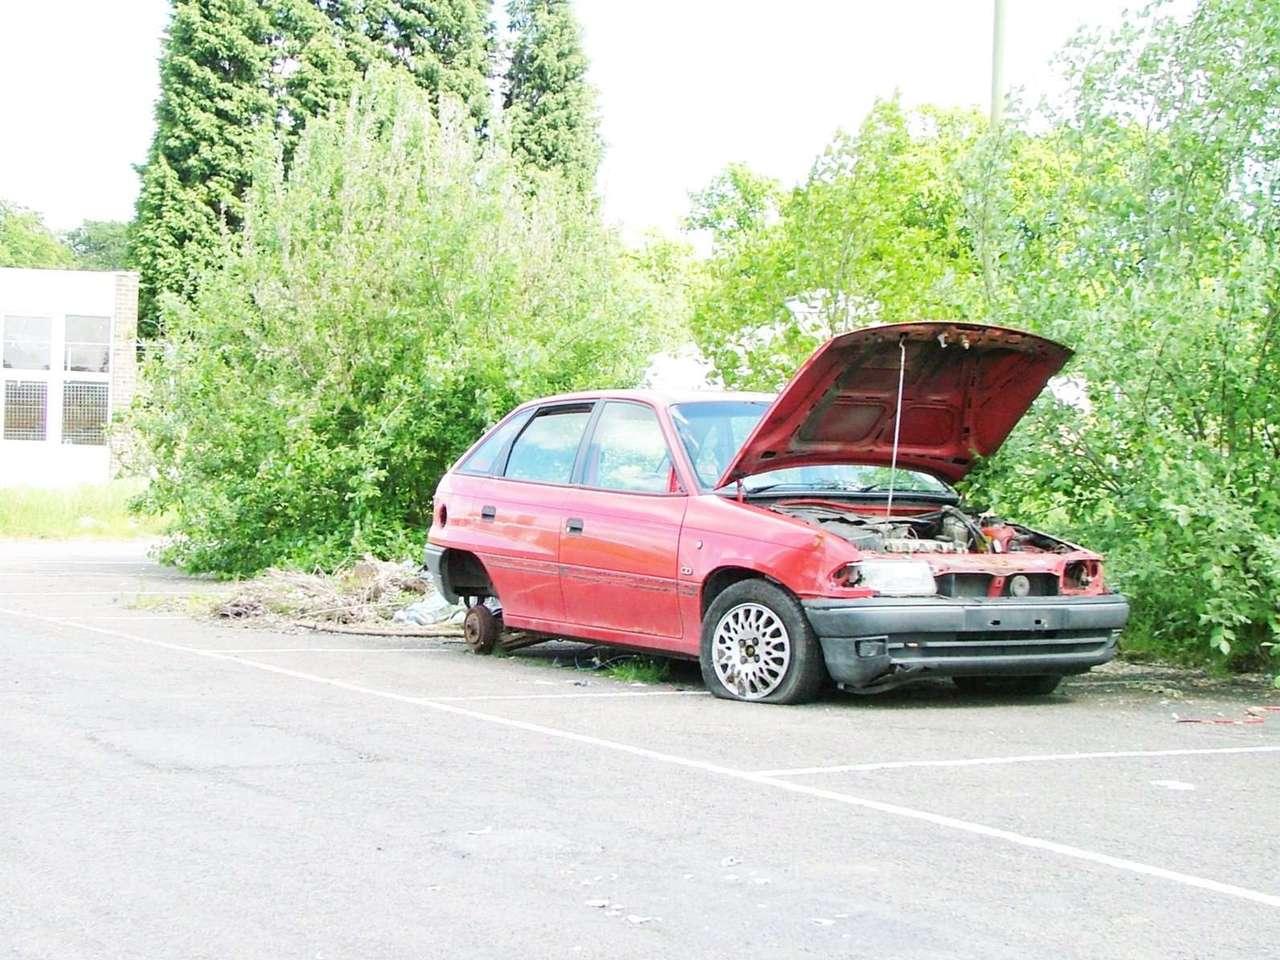 épave voiture abandonnée